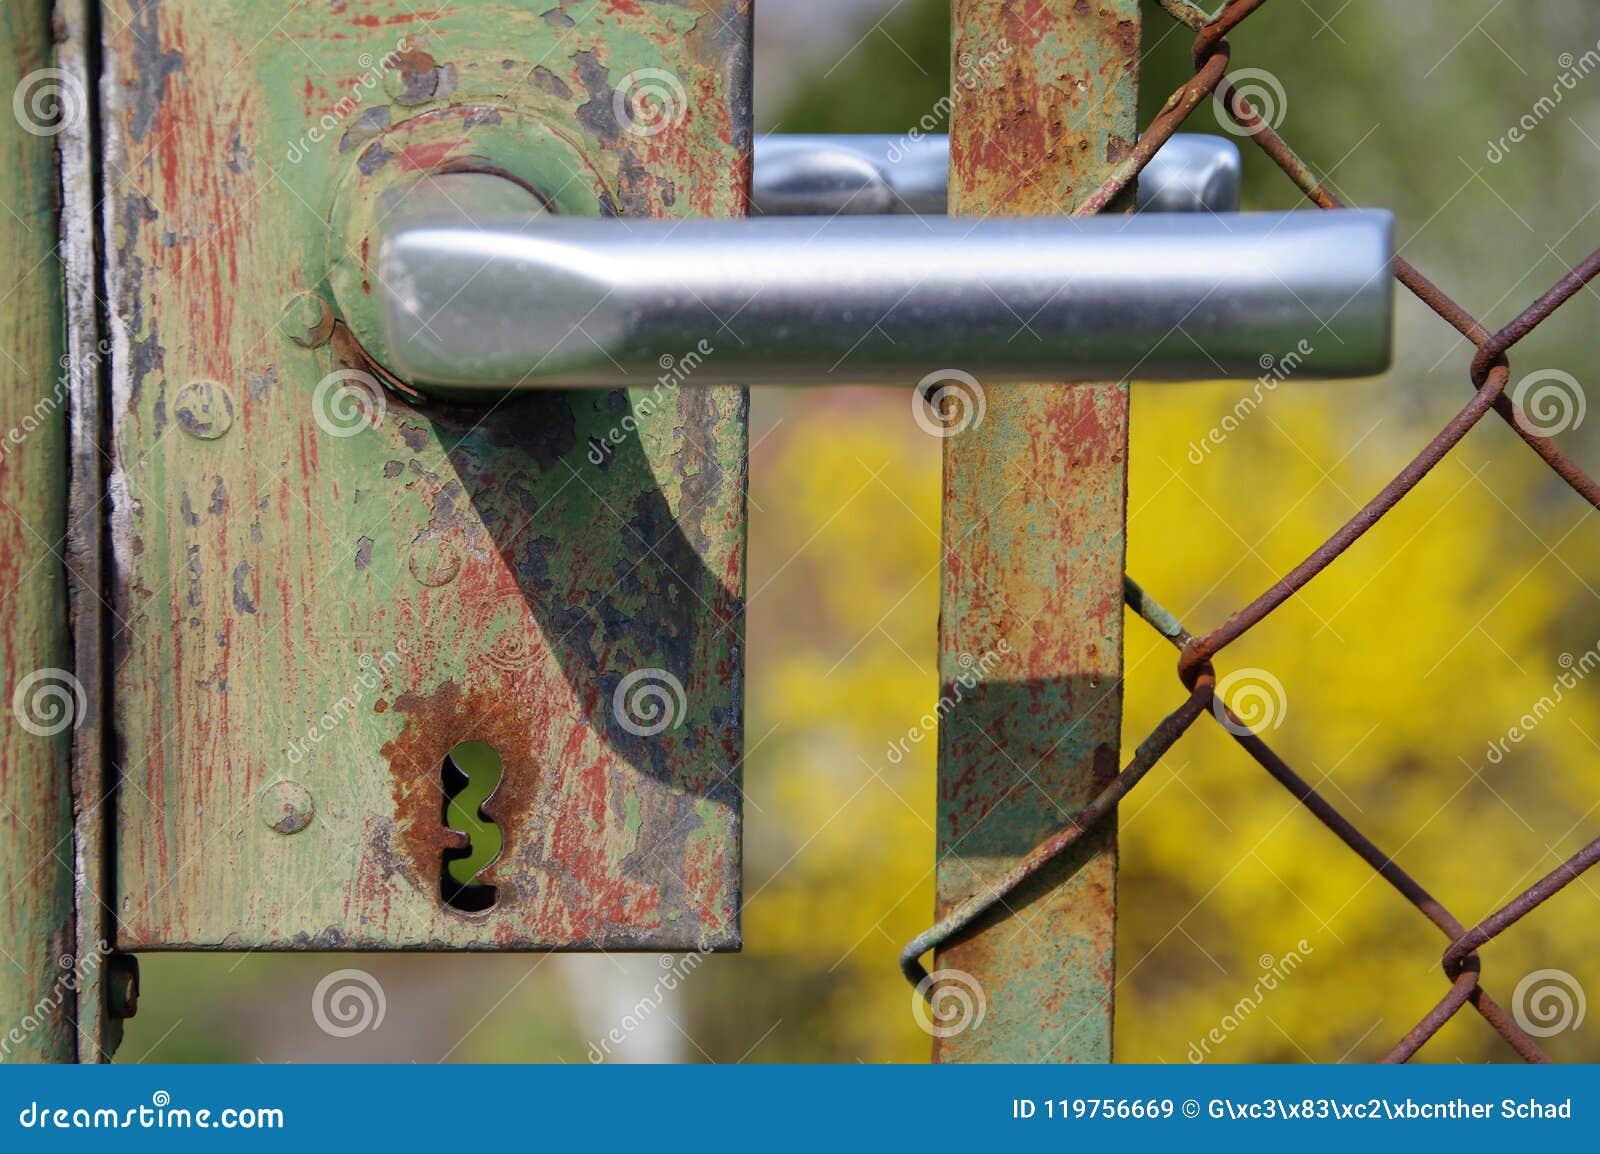 Garden Door Locks Shop on